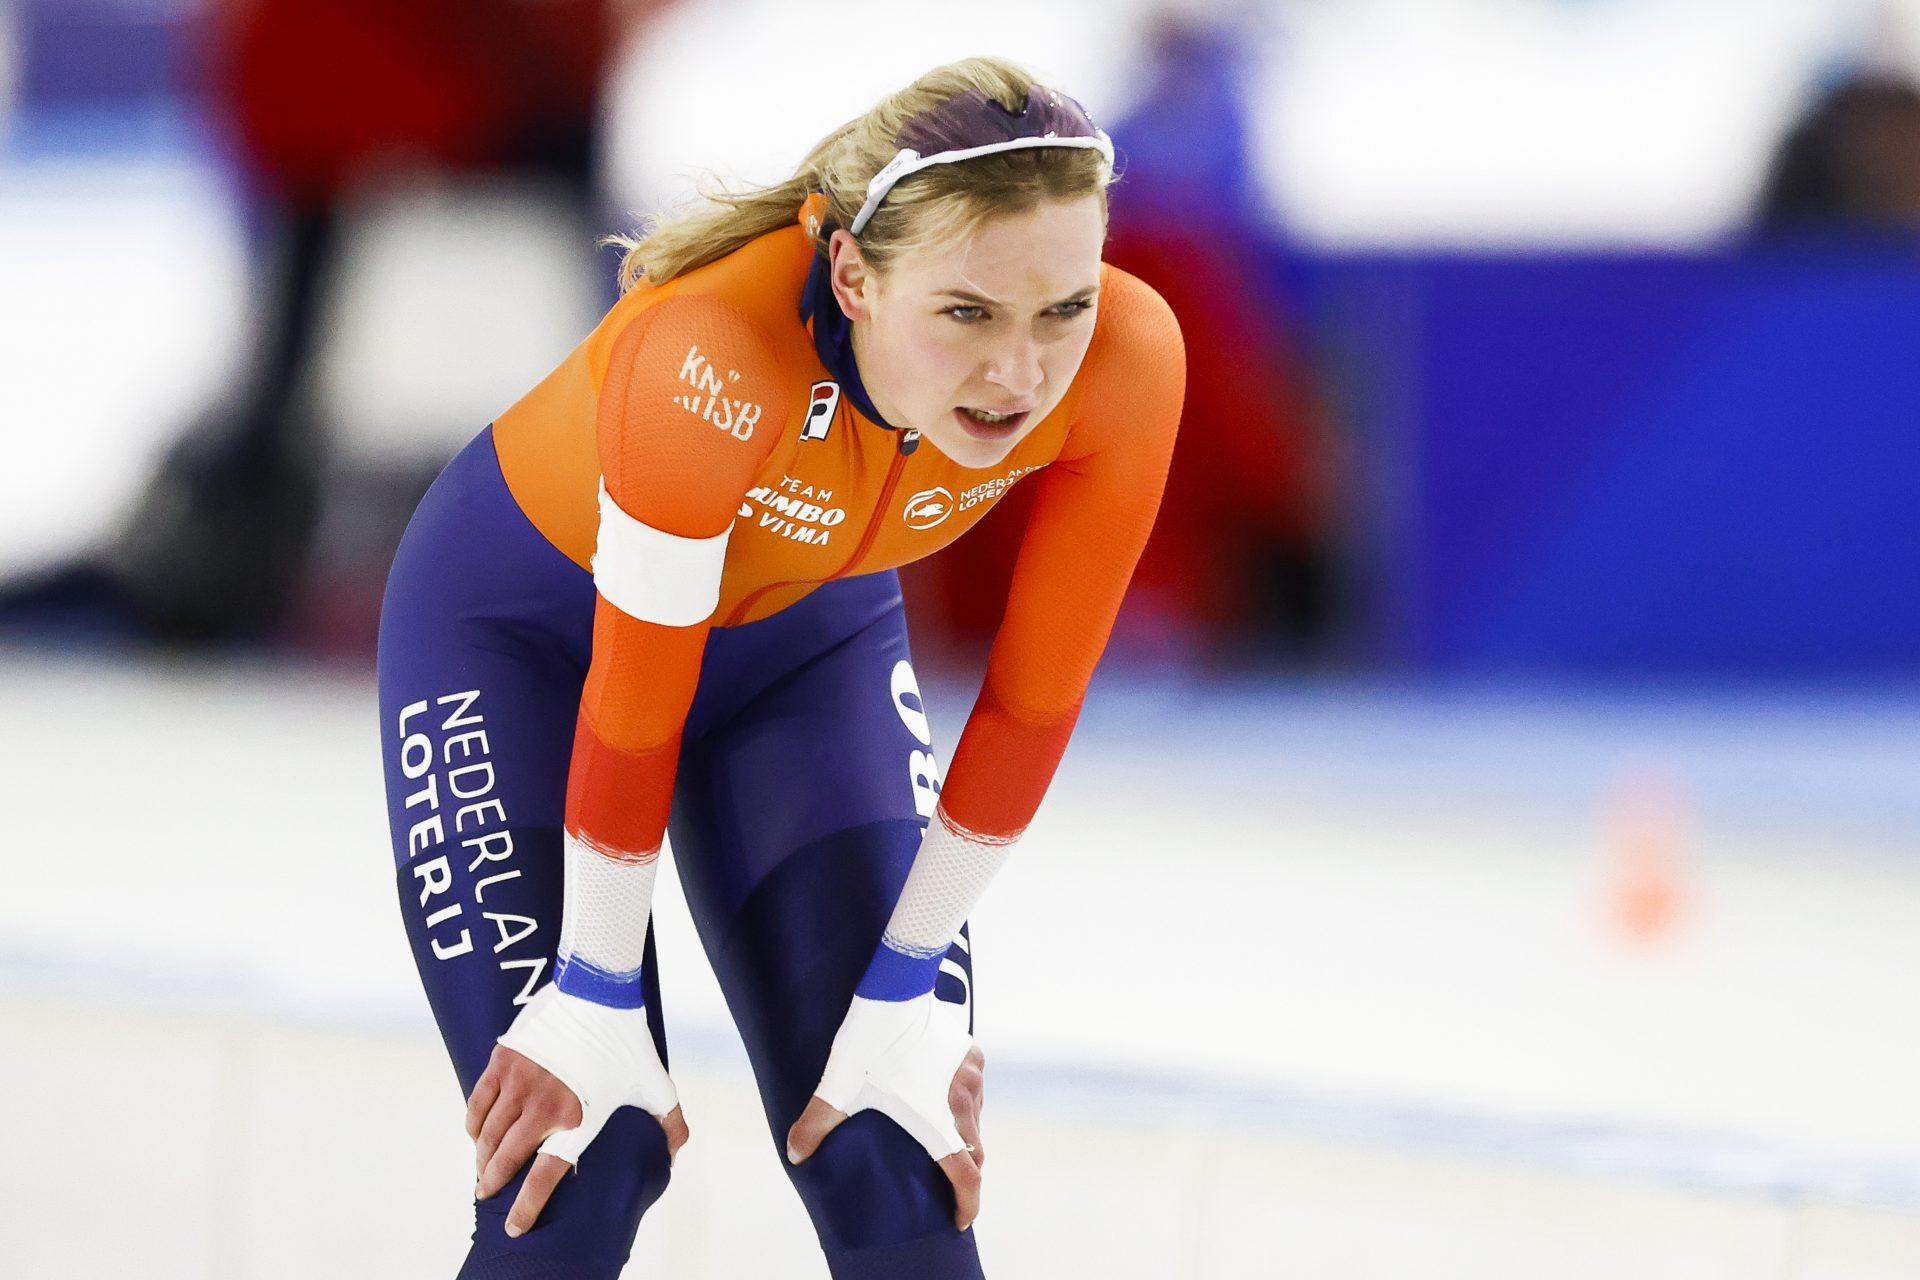 Schaatskoppel Joy Beune en Kjeld Nuis gelooft niet in valsspelen in Thialf: 'Wat een geneuzel' - Sportnieuws.nl